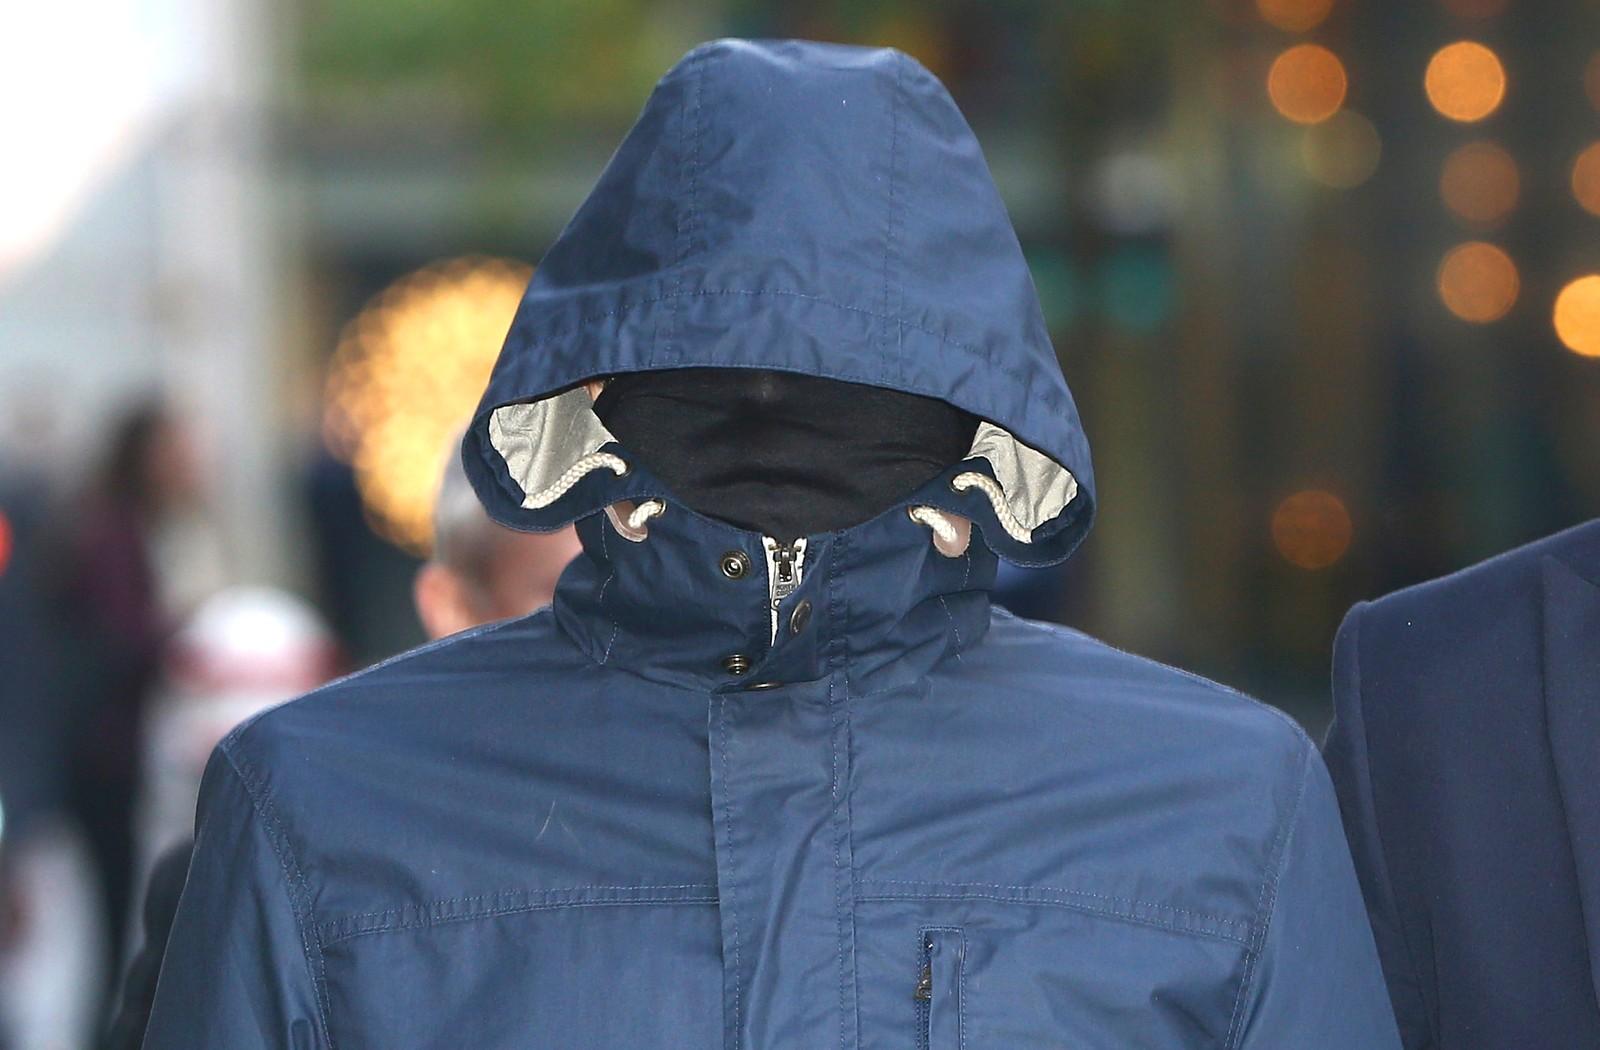 Storbritannias mest fryktede gravejournalist, Mazher Mahmood, er på vei til retten i London. Han er kjent for å kle seg ut som en rik sheikh for å få kjente mennesker til å prate med han. Mahmood kostet blant annet Sven Göran Eriksson jobben som landslagssjef for det engelske landslaget, etter betroelser om at fotballspillerne var late og griske.